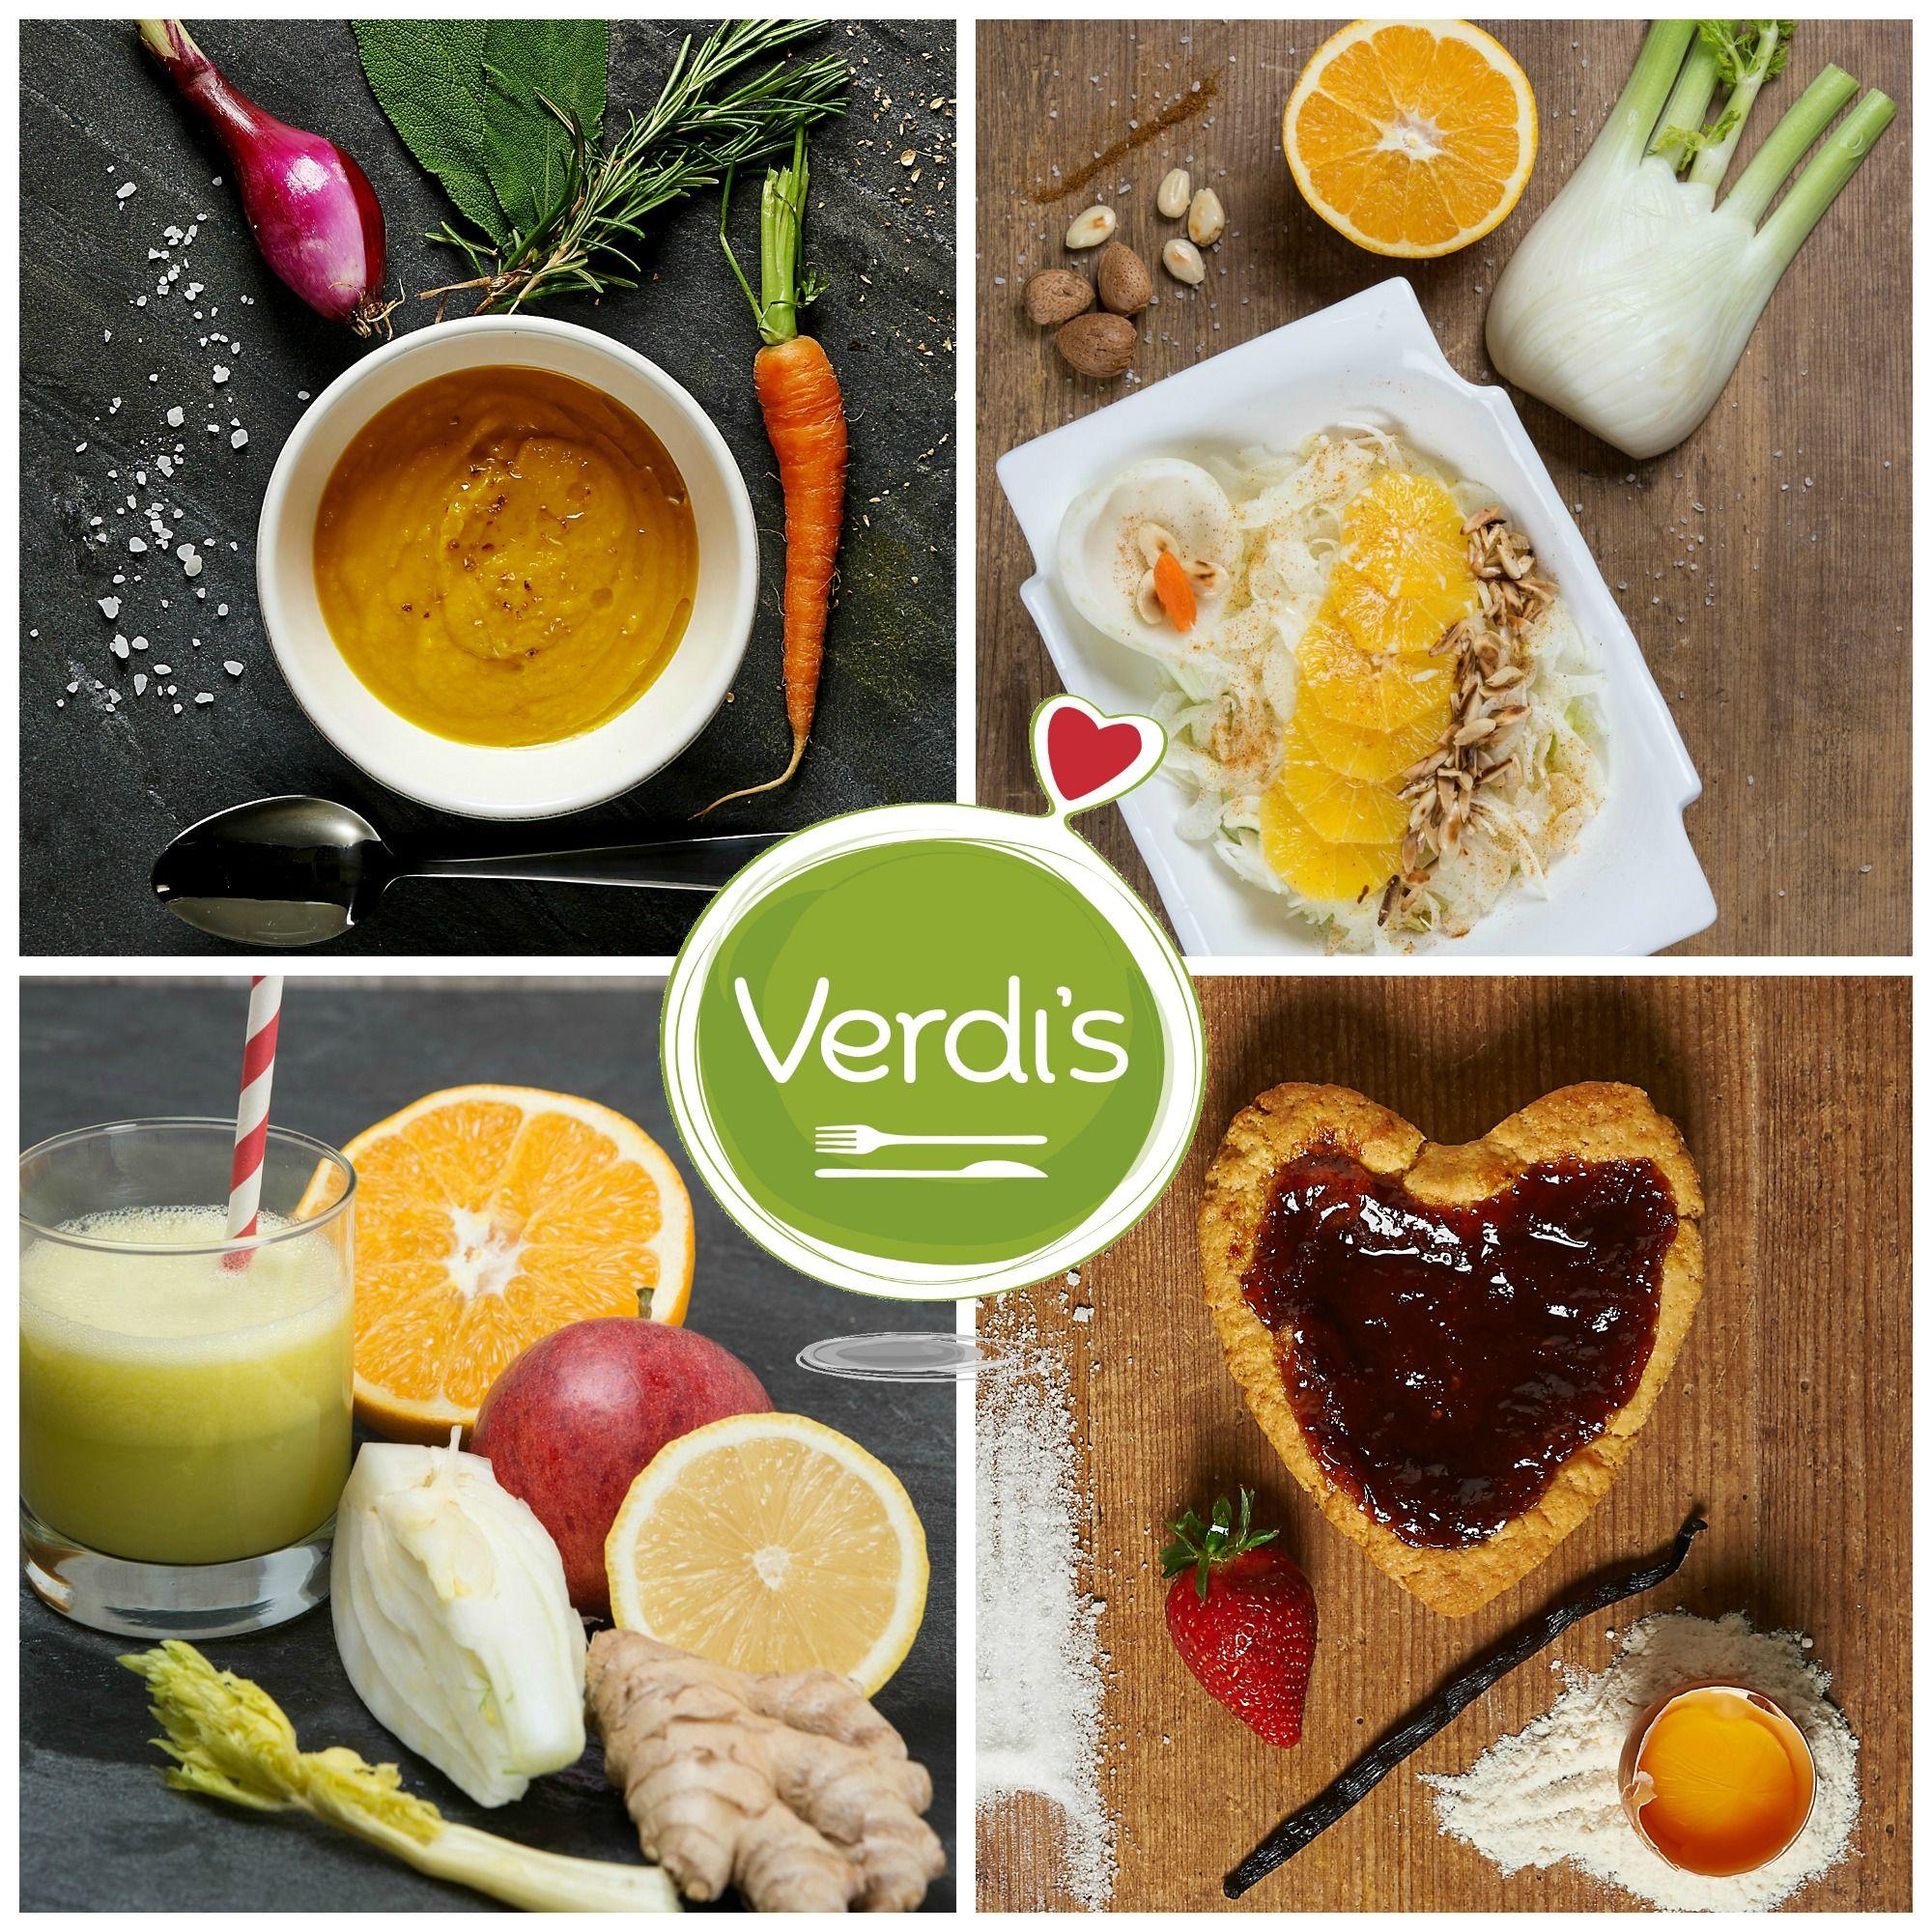 In questa giornata uggiosa fatti coccolare da Verdi's con un golosissimo #pranzo della #domenica ; ) Ti stiamo preparando piatti #stagionali deliziosi, come una #zuppa di carote zenzero e arancia, che è un'esplosione di gusto e di salute, oppure l'insalata #vegana con finocchi, arance, mandorle, carote e mele.  In this gloomy day let us pamper yourself  with a delicious #Sunday #lunch ; ) #healthy #good #food #